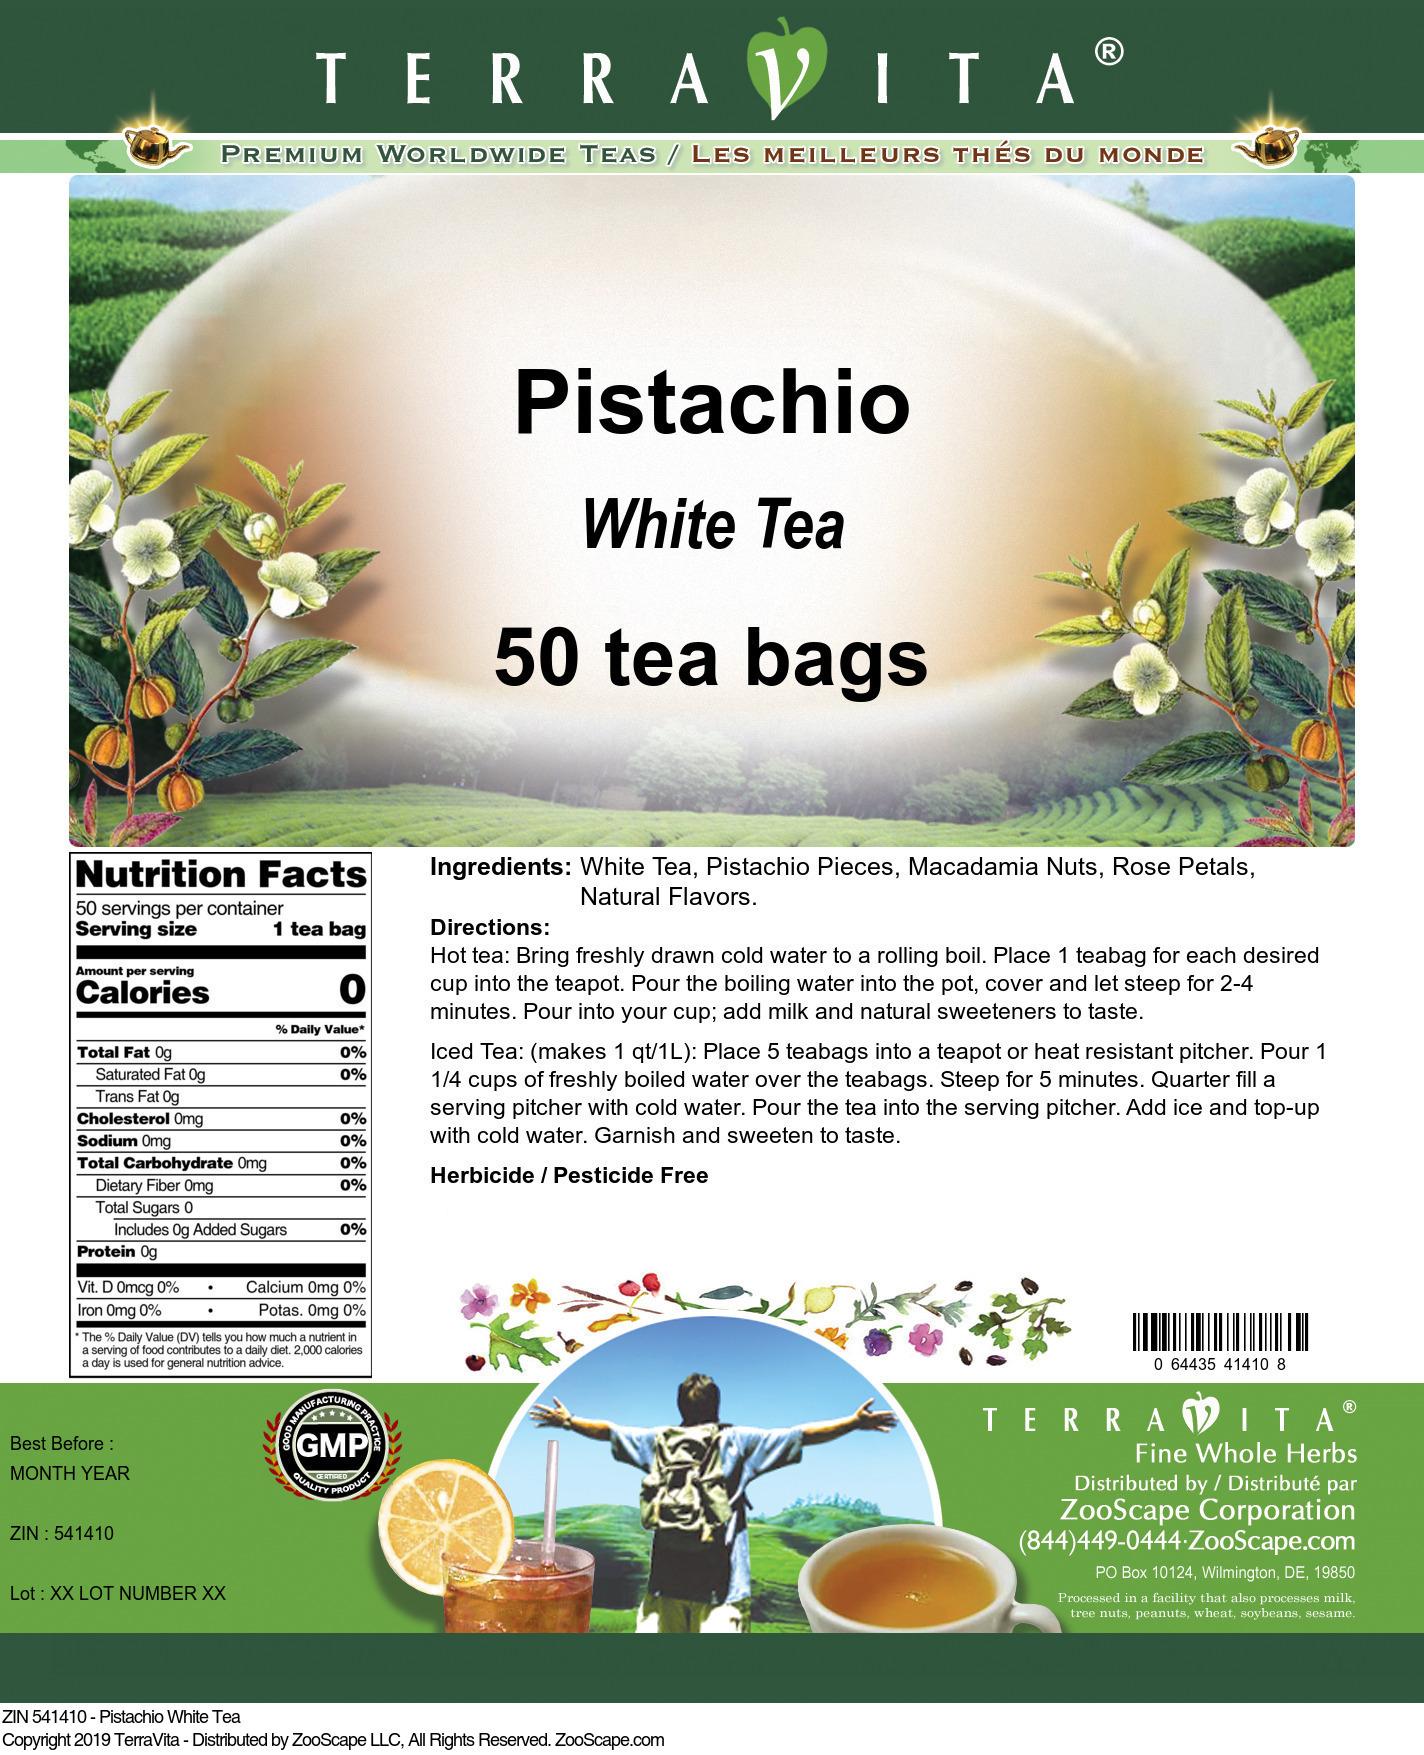 Pistachio White Tea